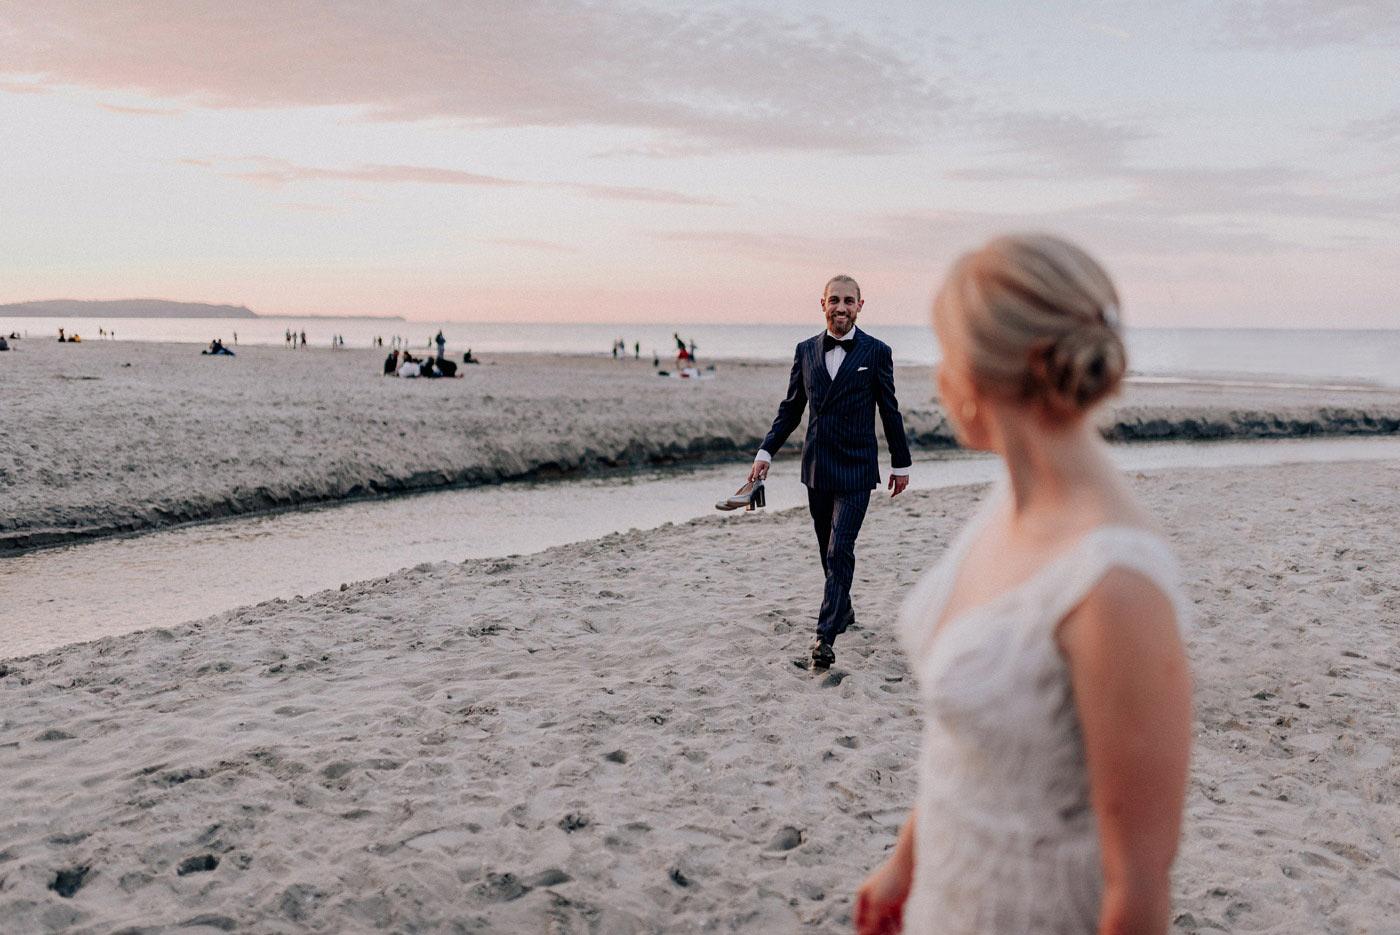 Wesele przy plaży | Restauracja nad Potokiem 41 120 alebosco wesele przy plazy gdansk restauracja nad potokiem